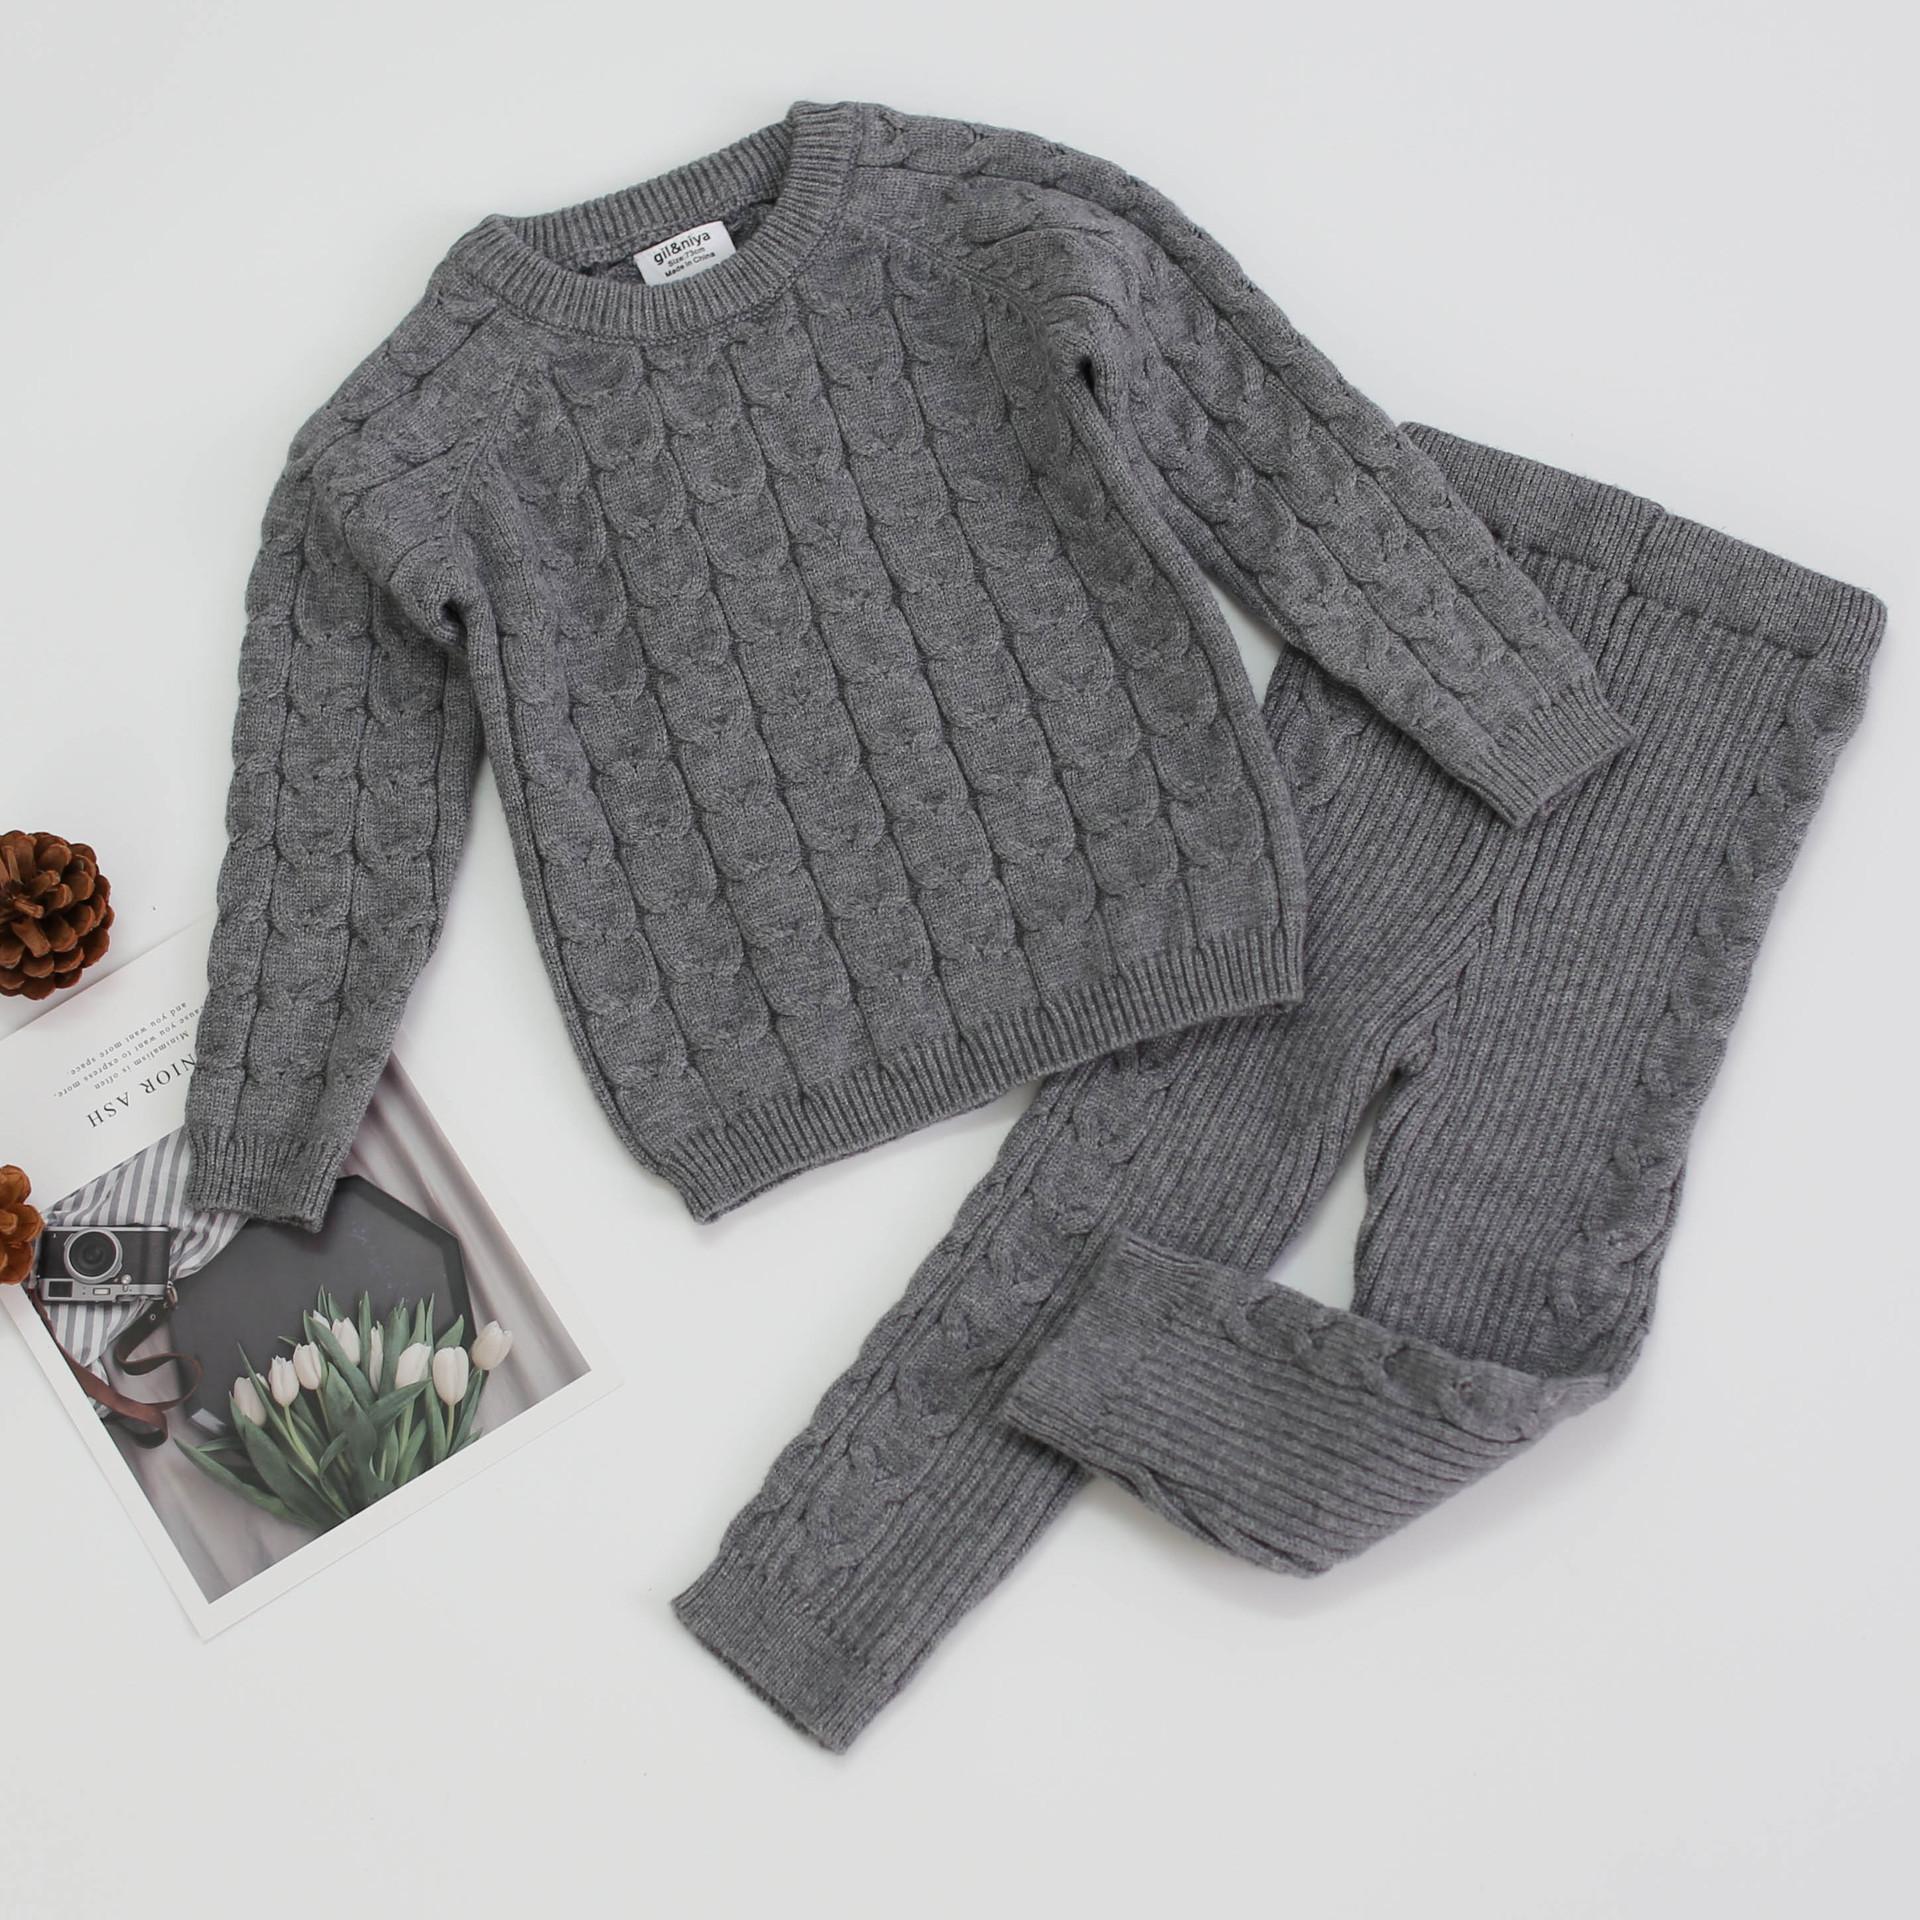 Herbst- und Winterbaby Sets Baumwolle langärmelige Pullover + Hosen y1117